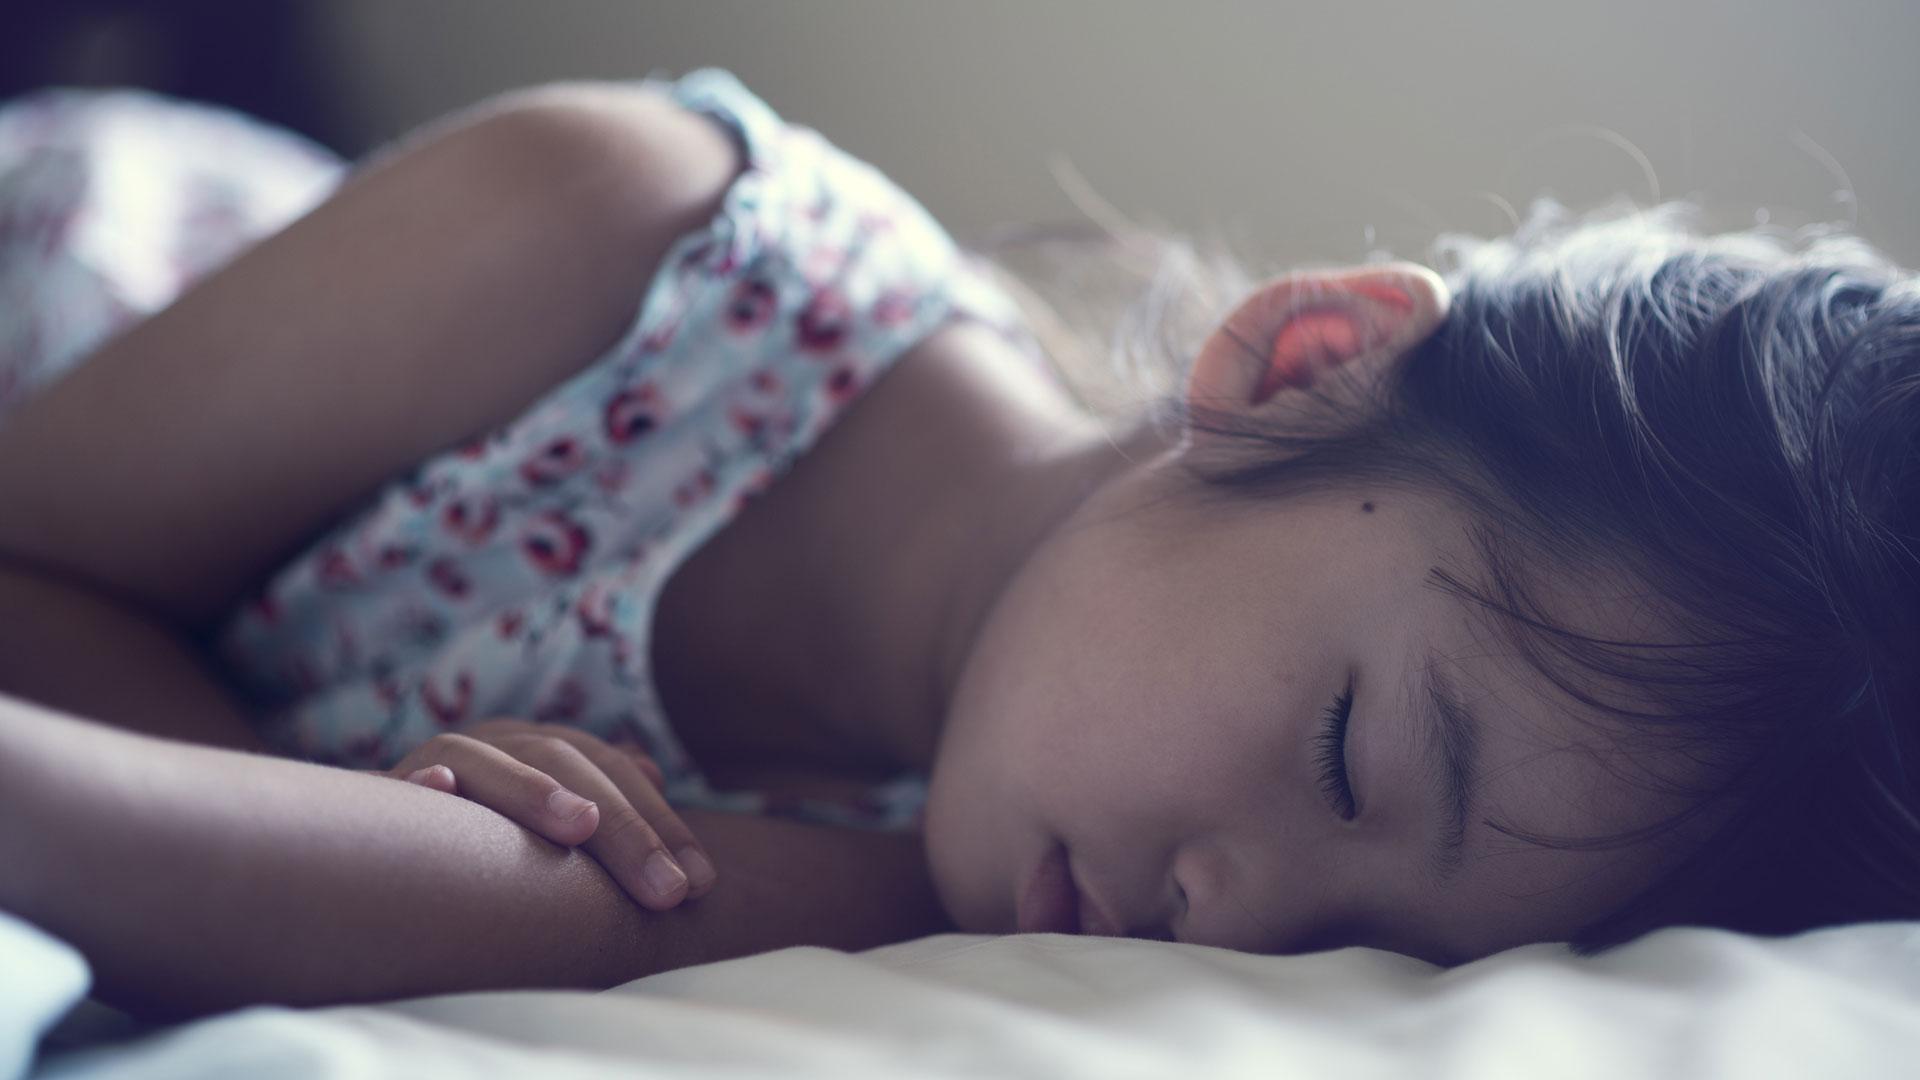 Sleeping daughters nude